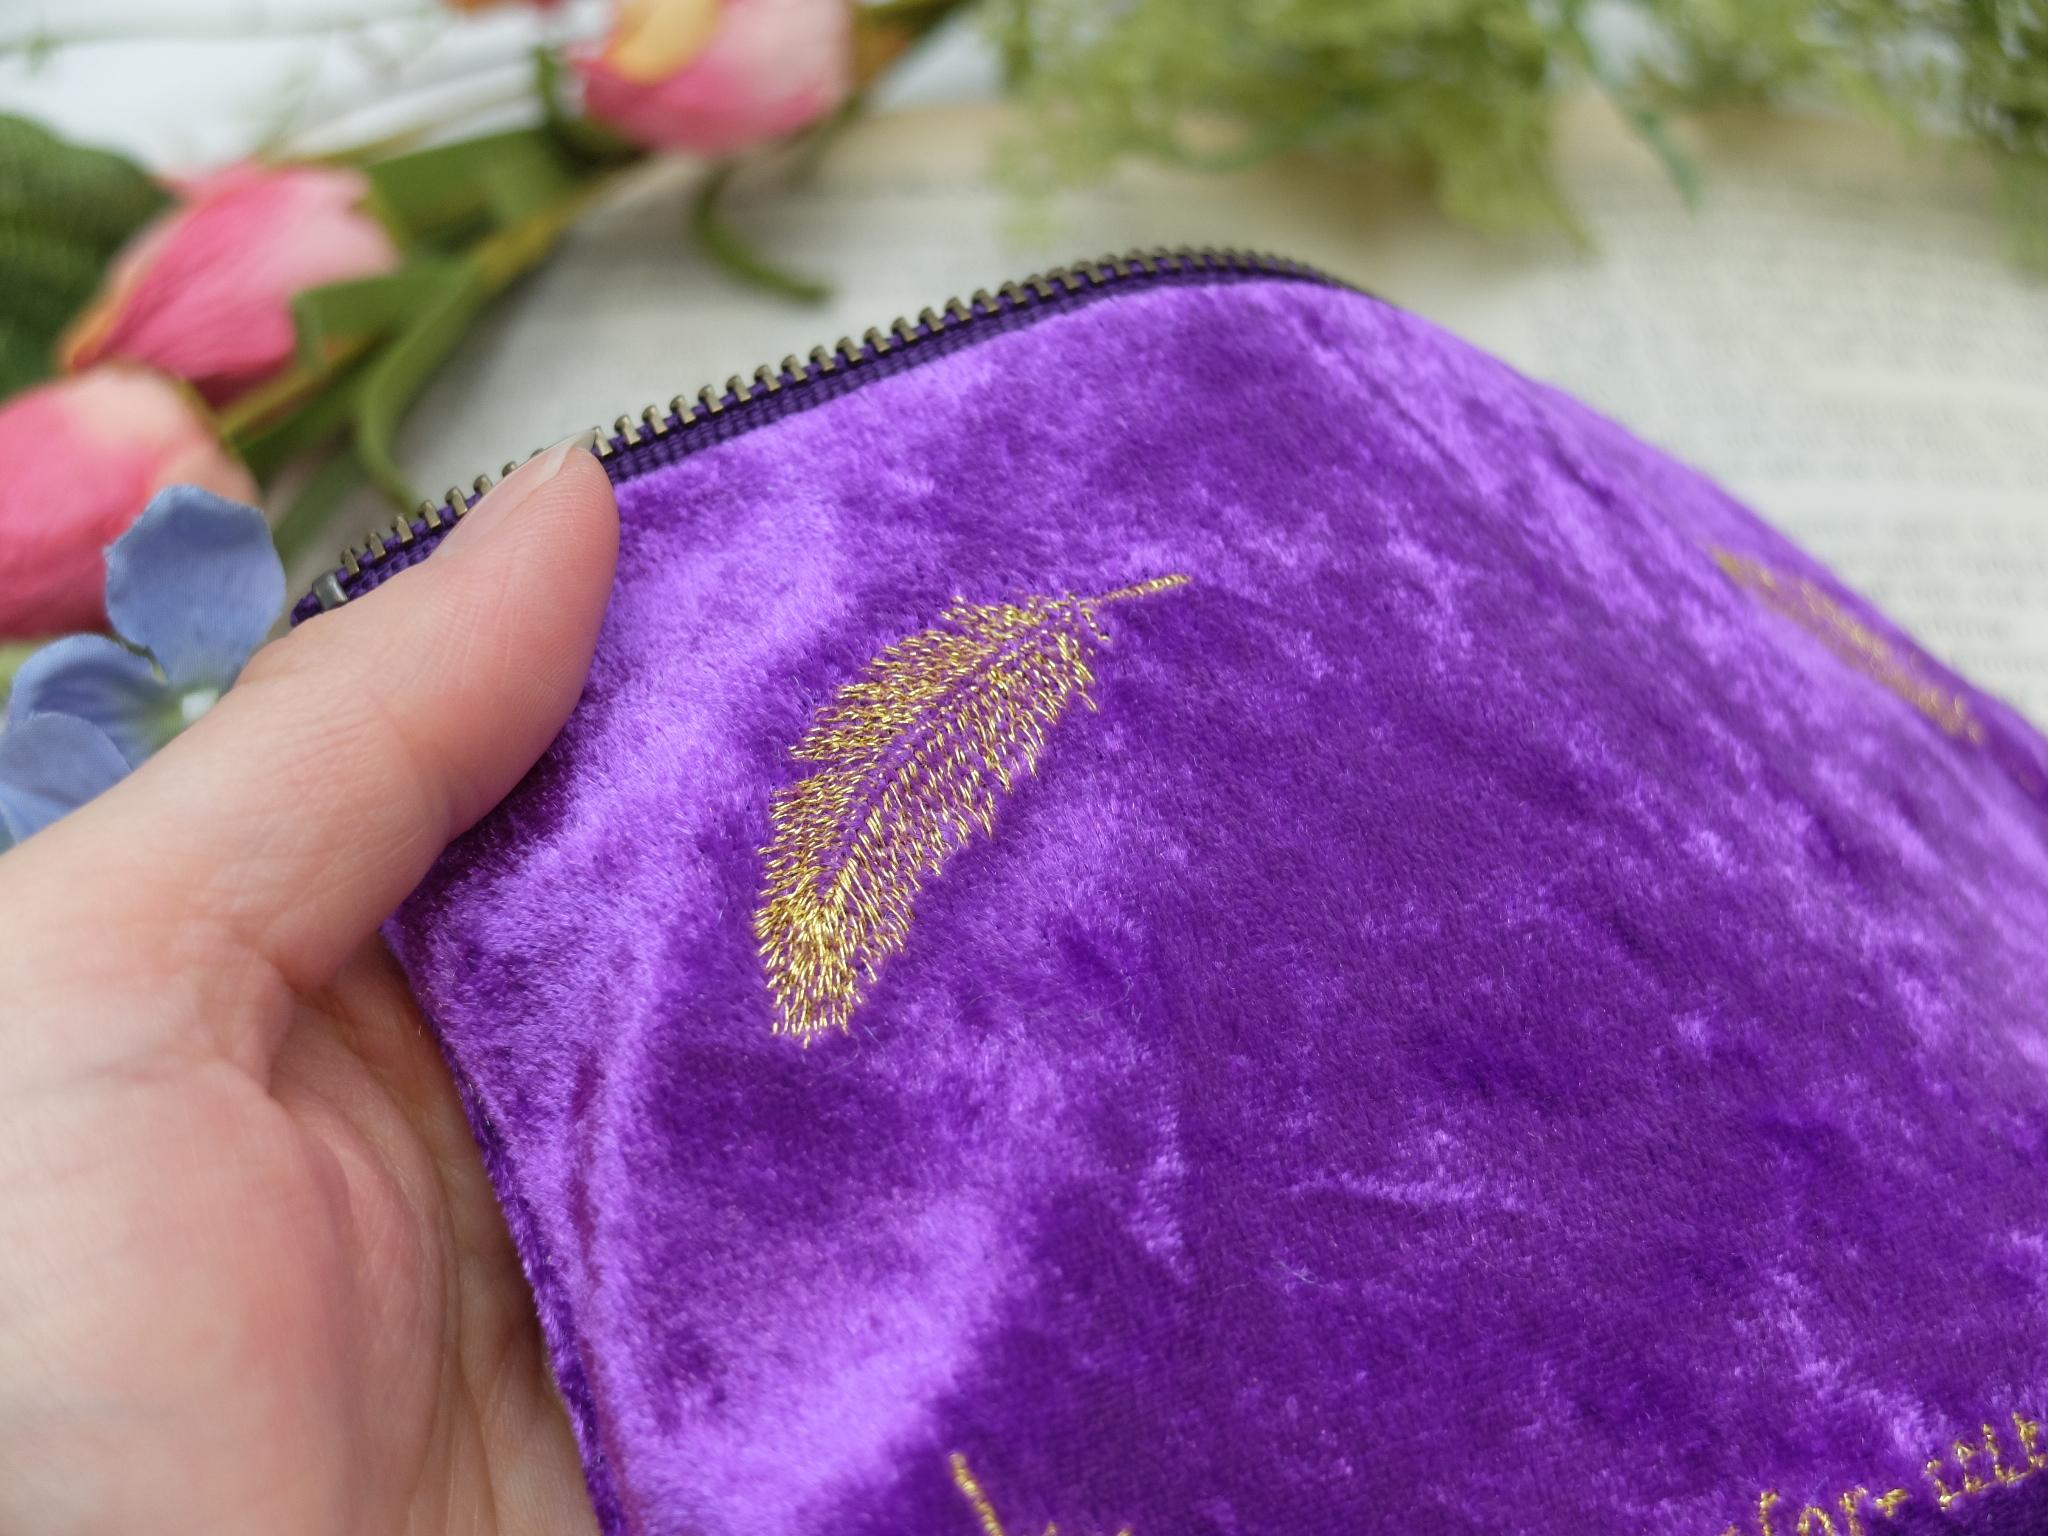 オーダー刺繍 刺繍ポーチ ベロア生地